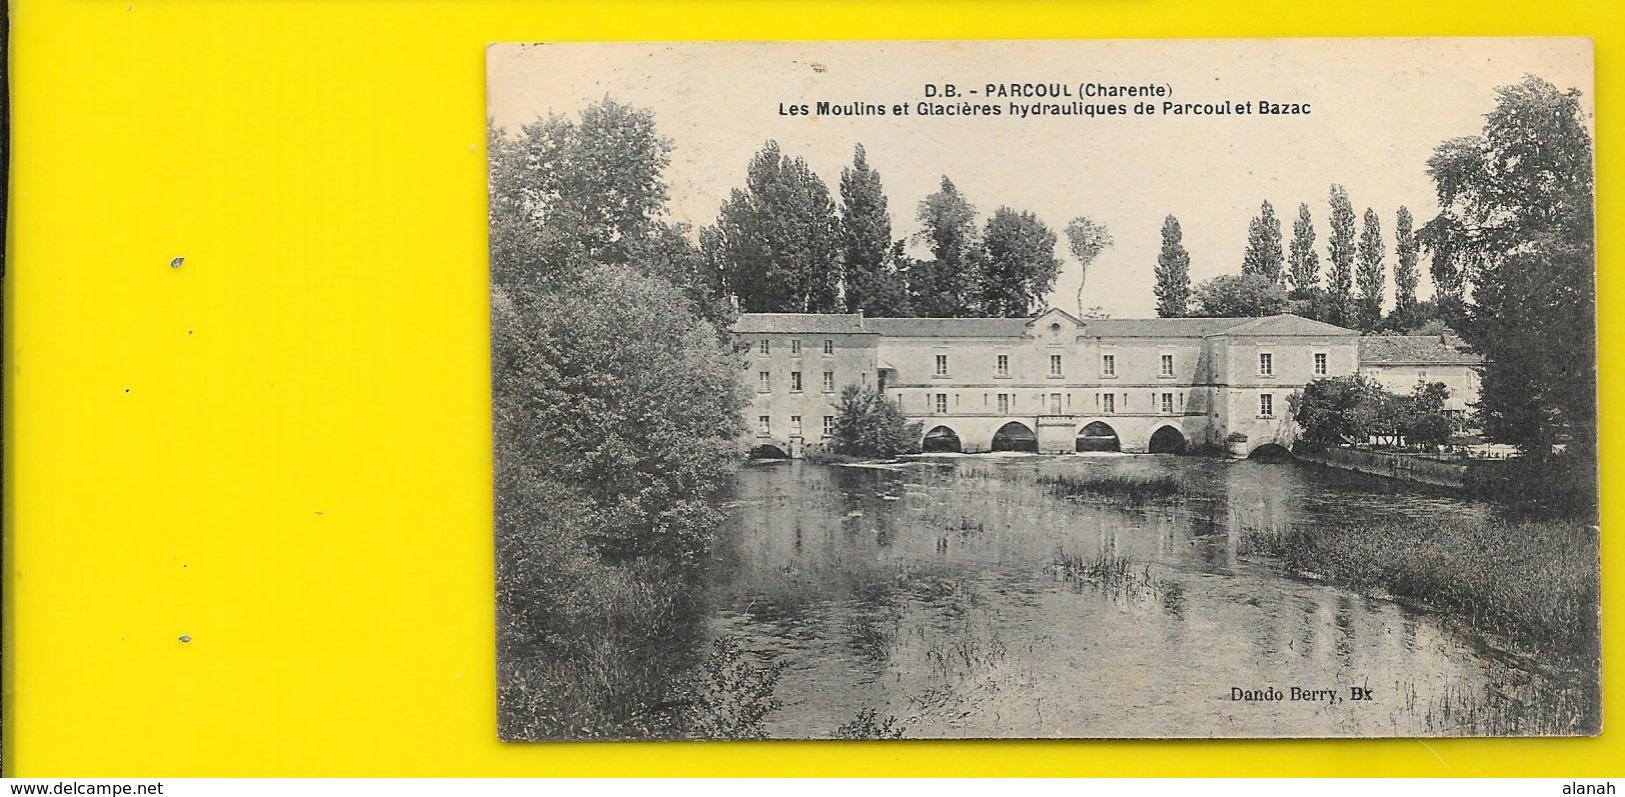 PARCOUL BAZAC Rare Les Moulins Et Glacières (Dando Berry) Dordogne (24) - France